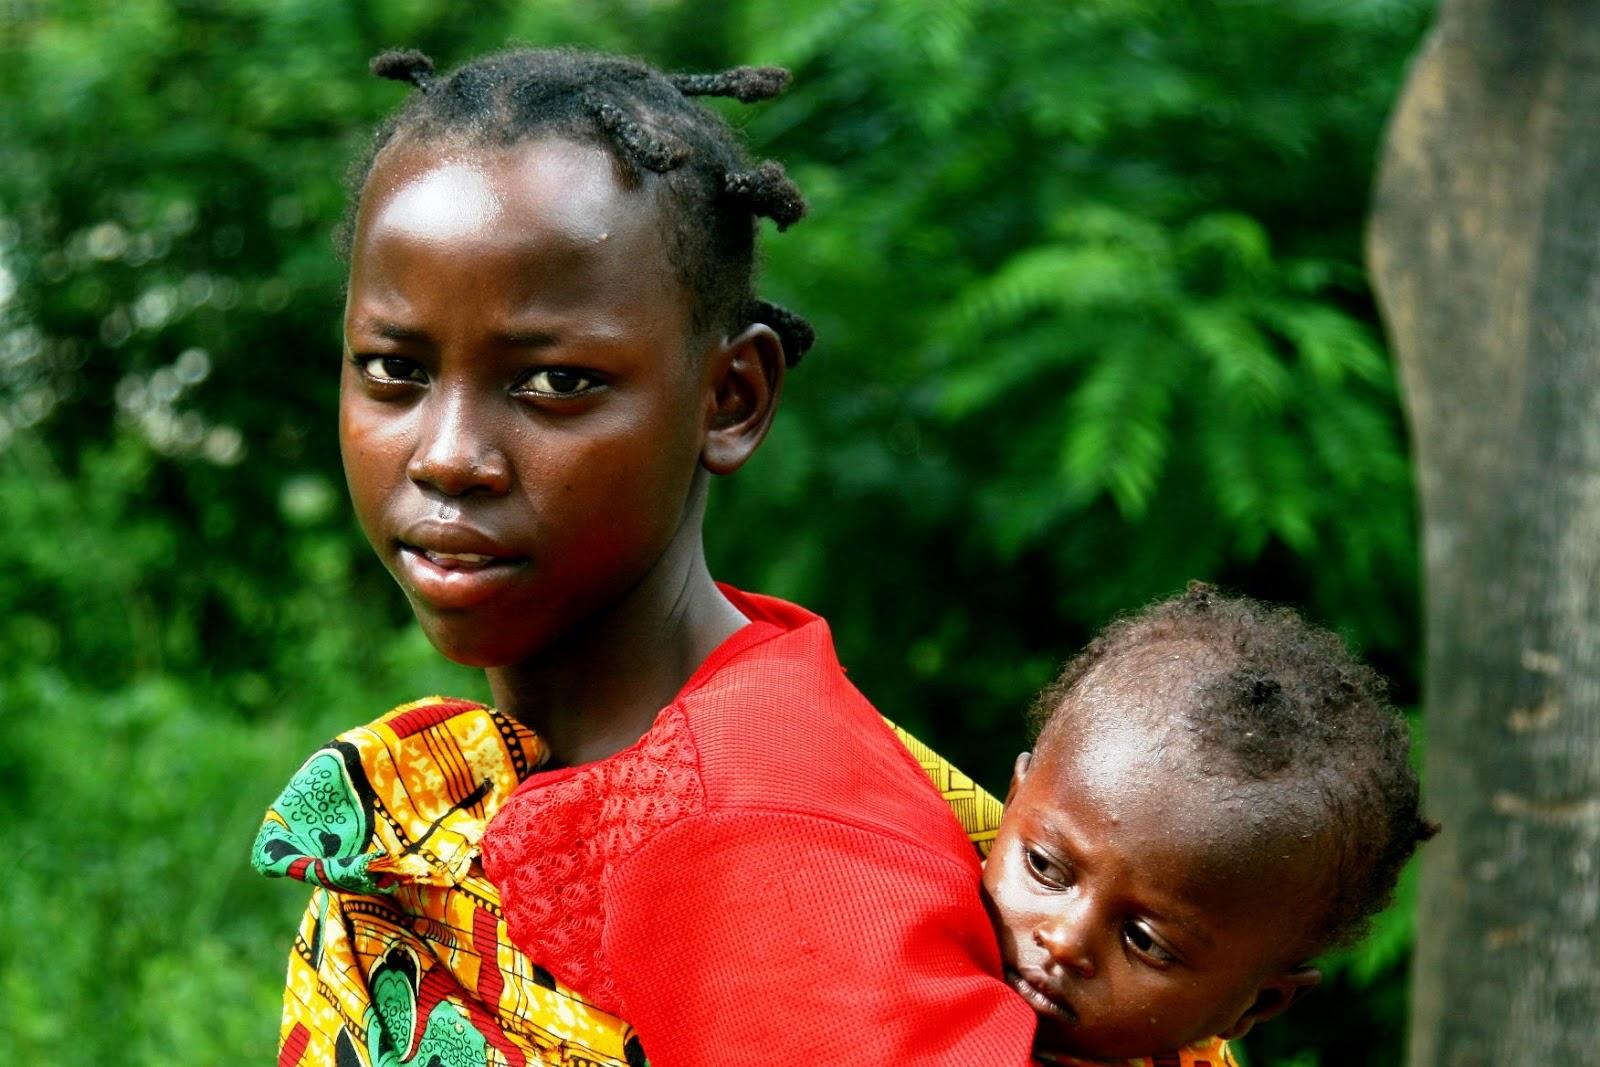 Africa n children